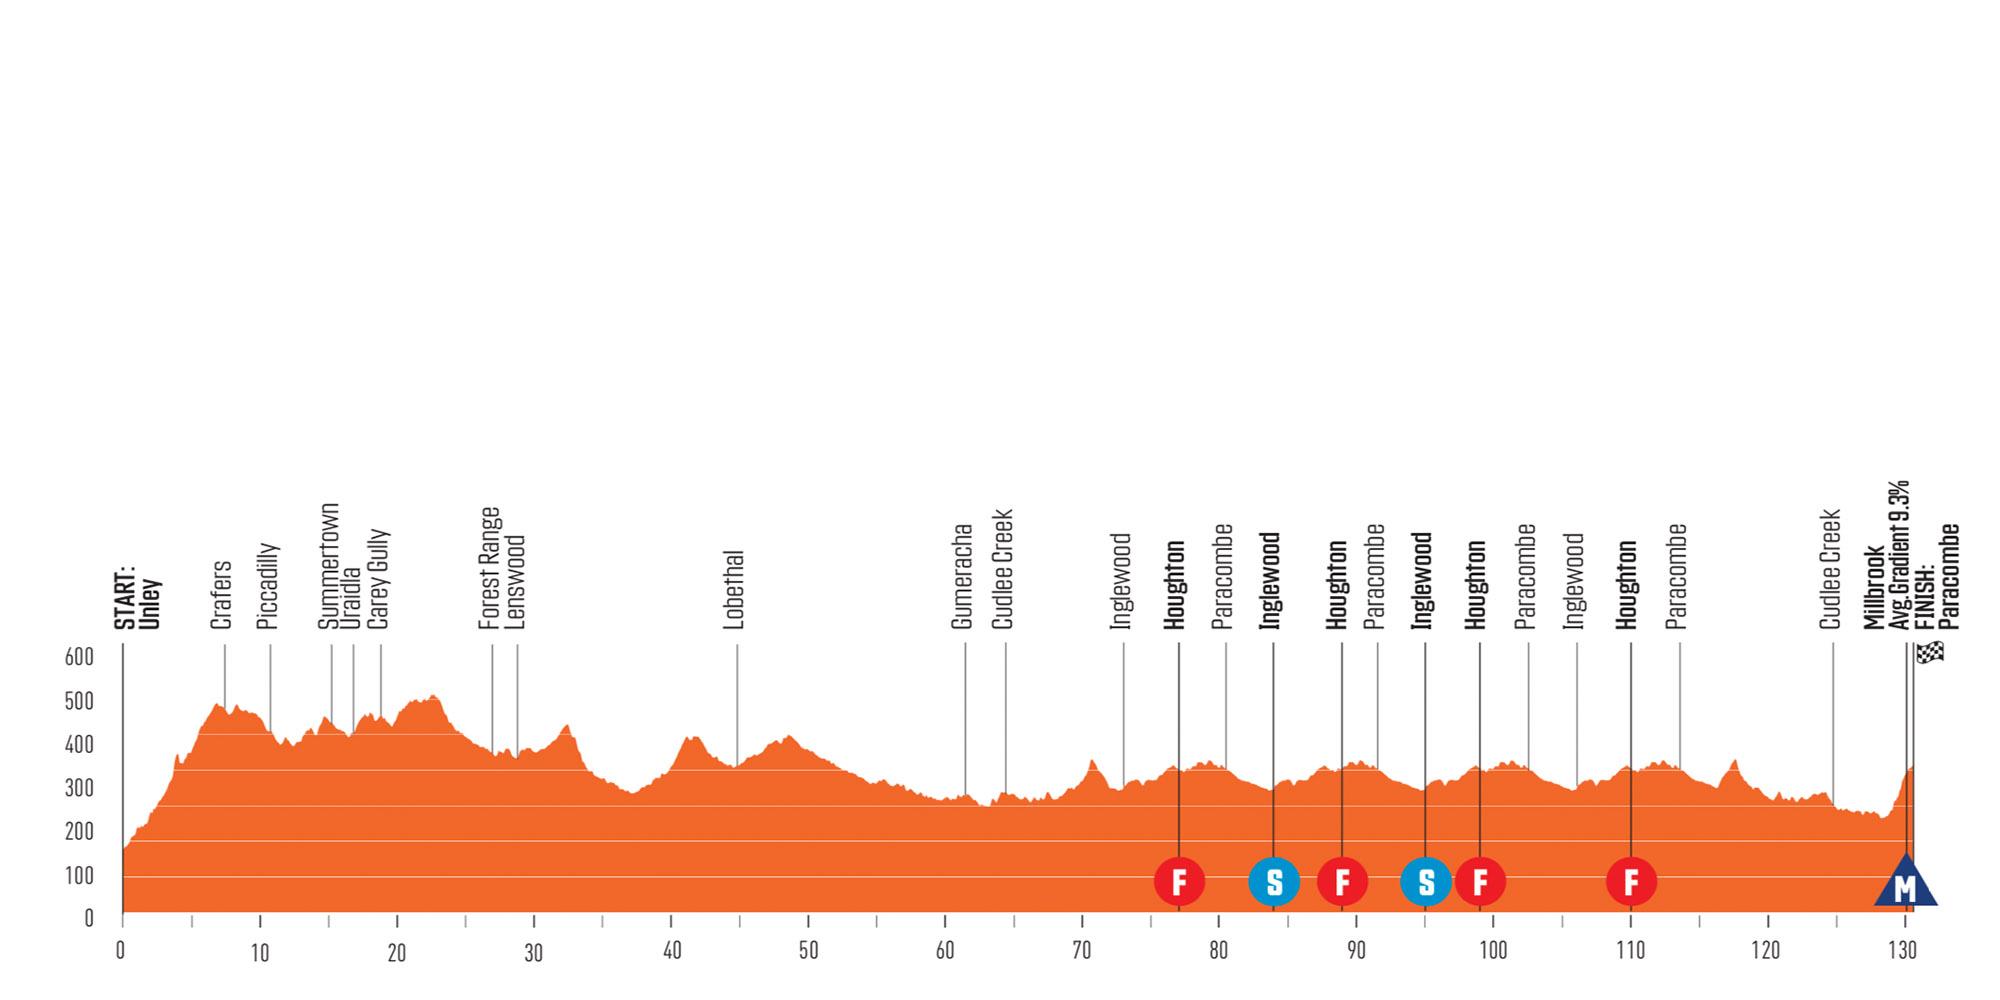 Perfil de la tercera etapa del Santos Tour Down Under 2020